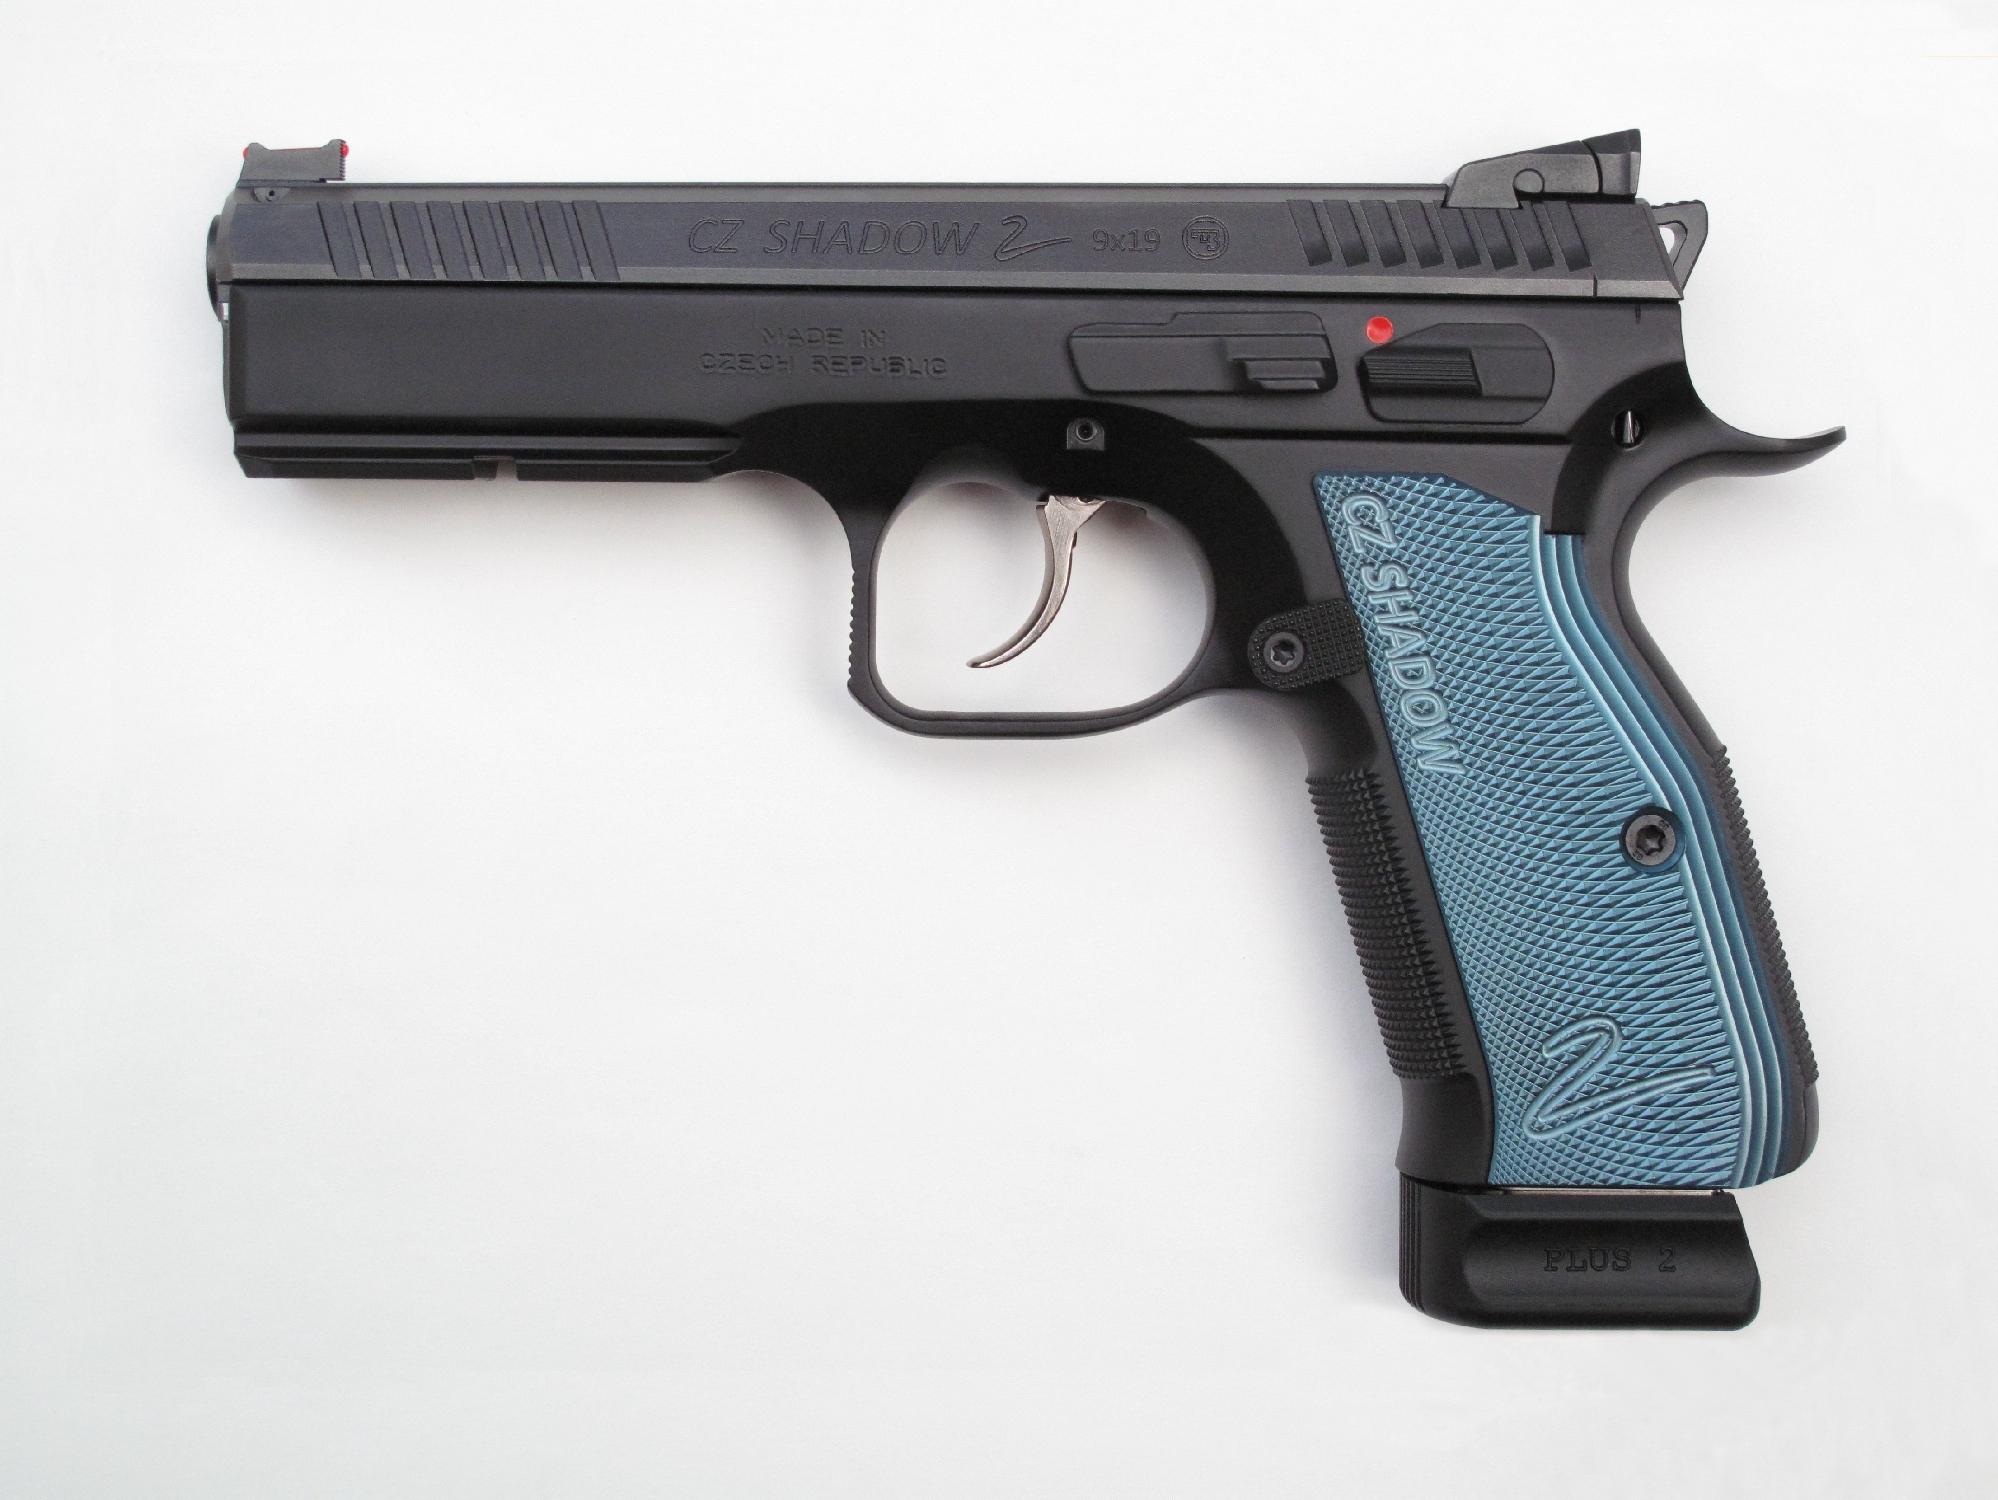 Pistolet semi-automatique CZ 75 « Shadow 2 » en calibre 9 mm Parabellum.